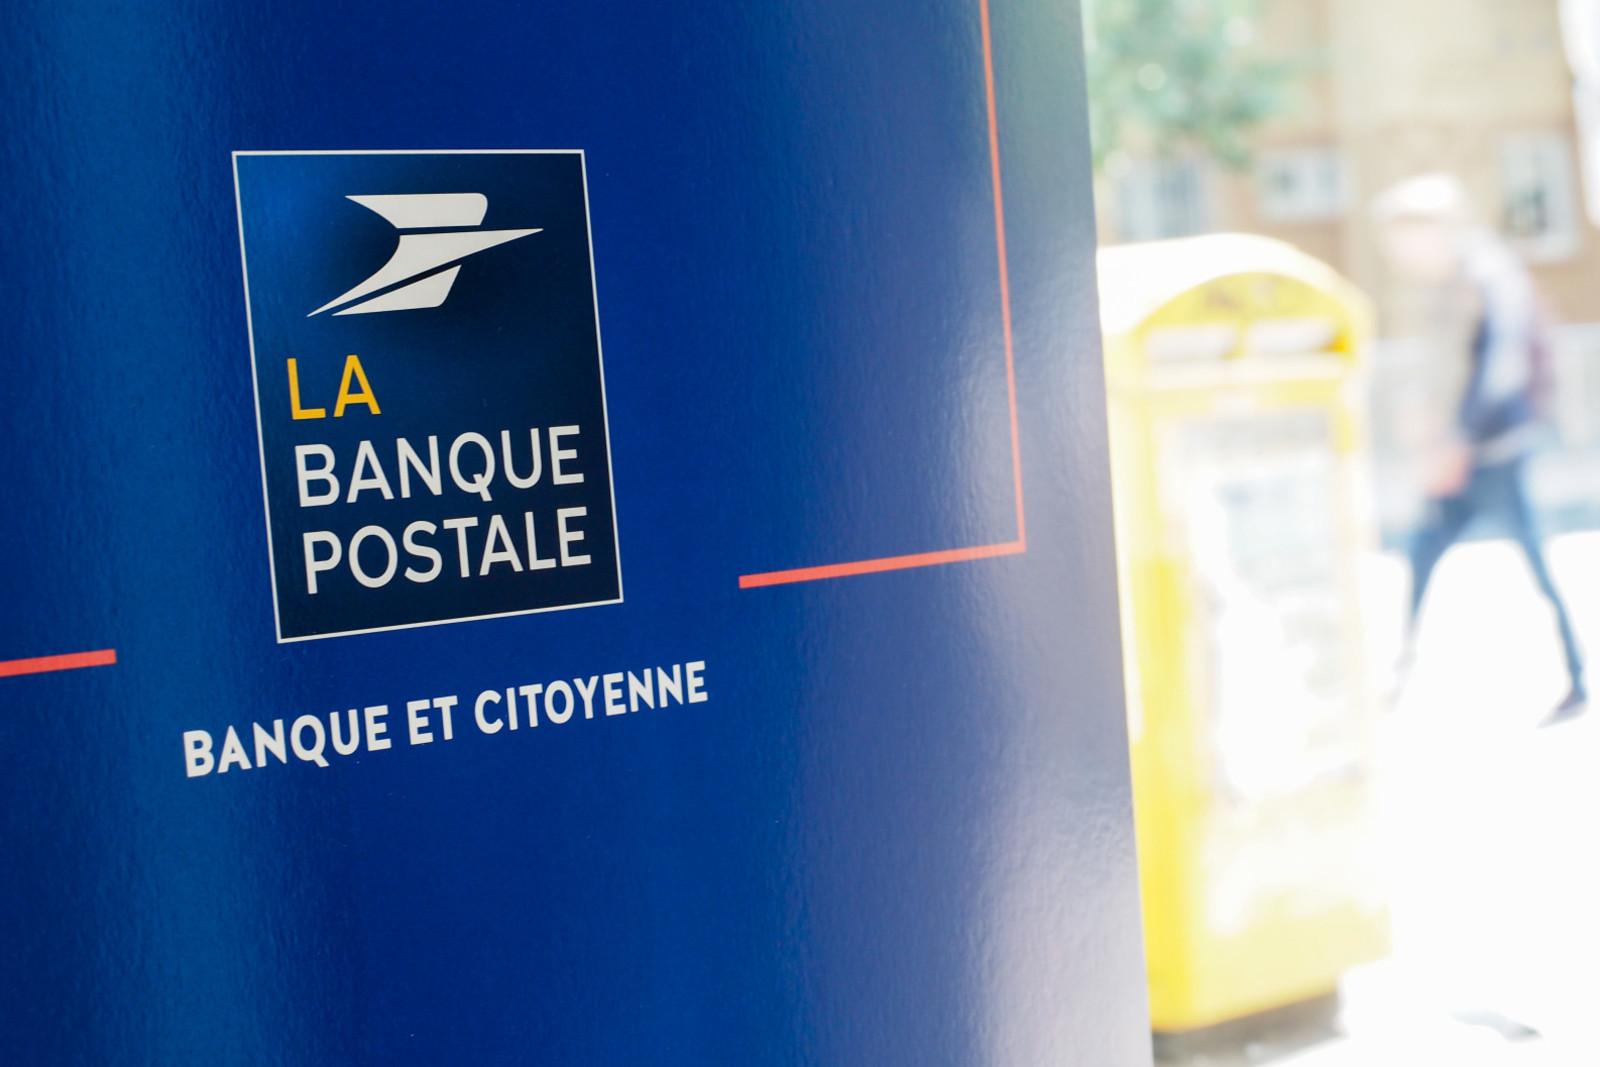 La Banque Postale's logo